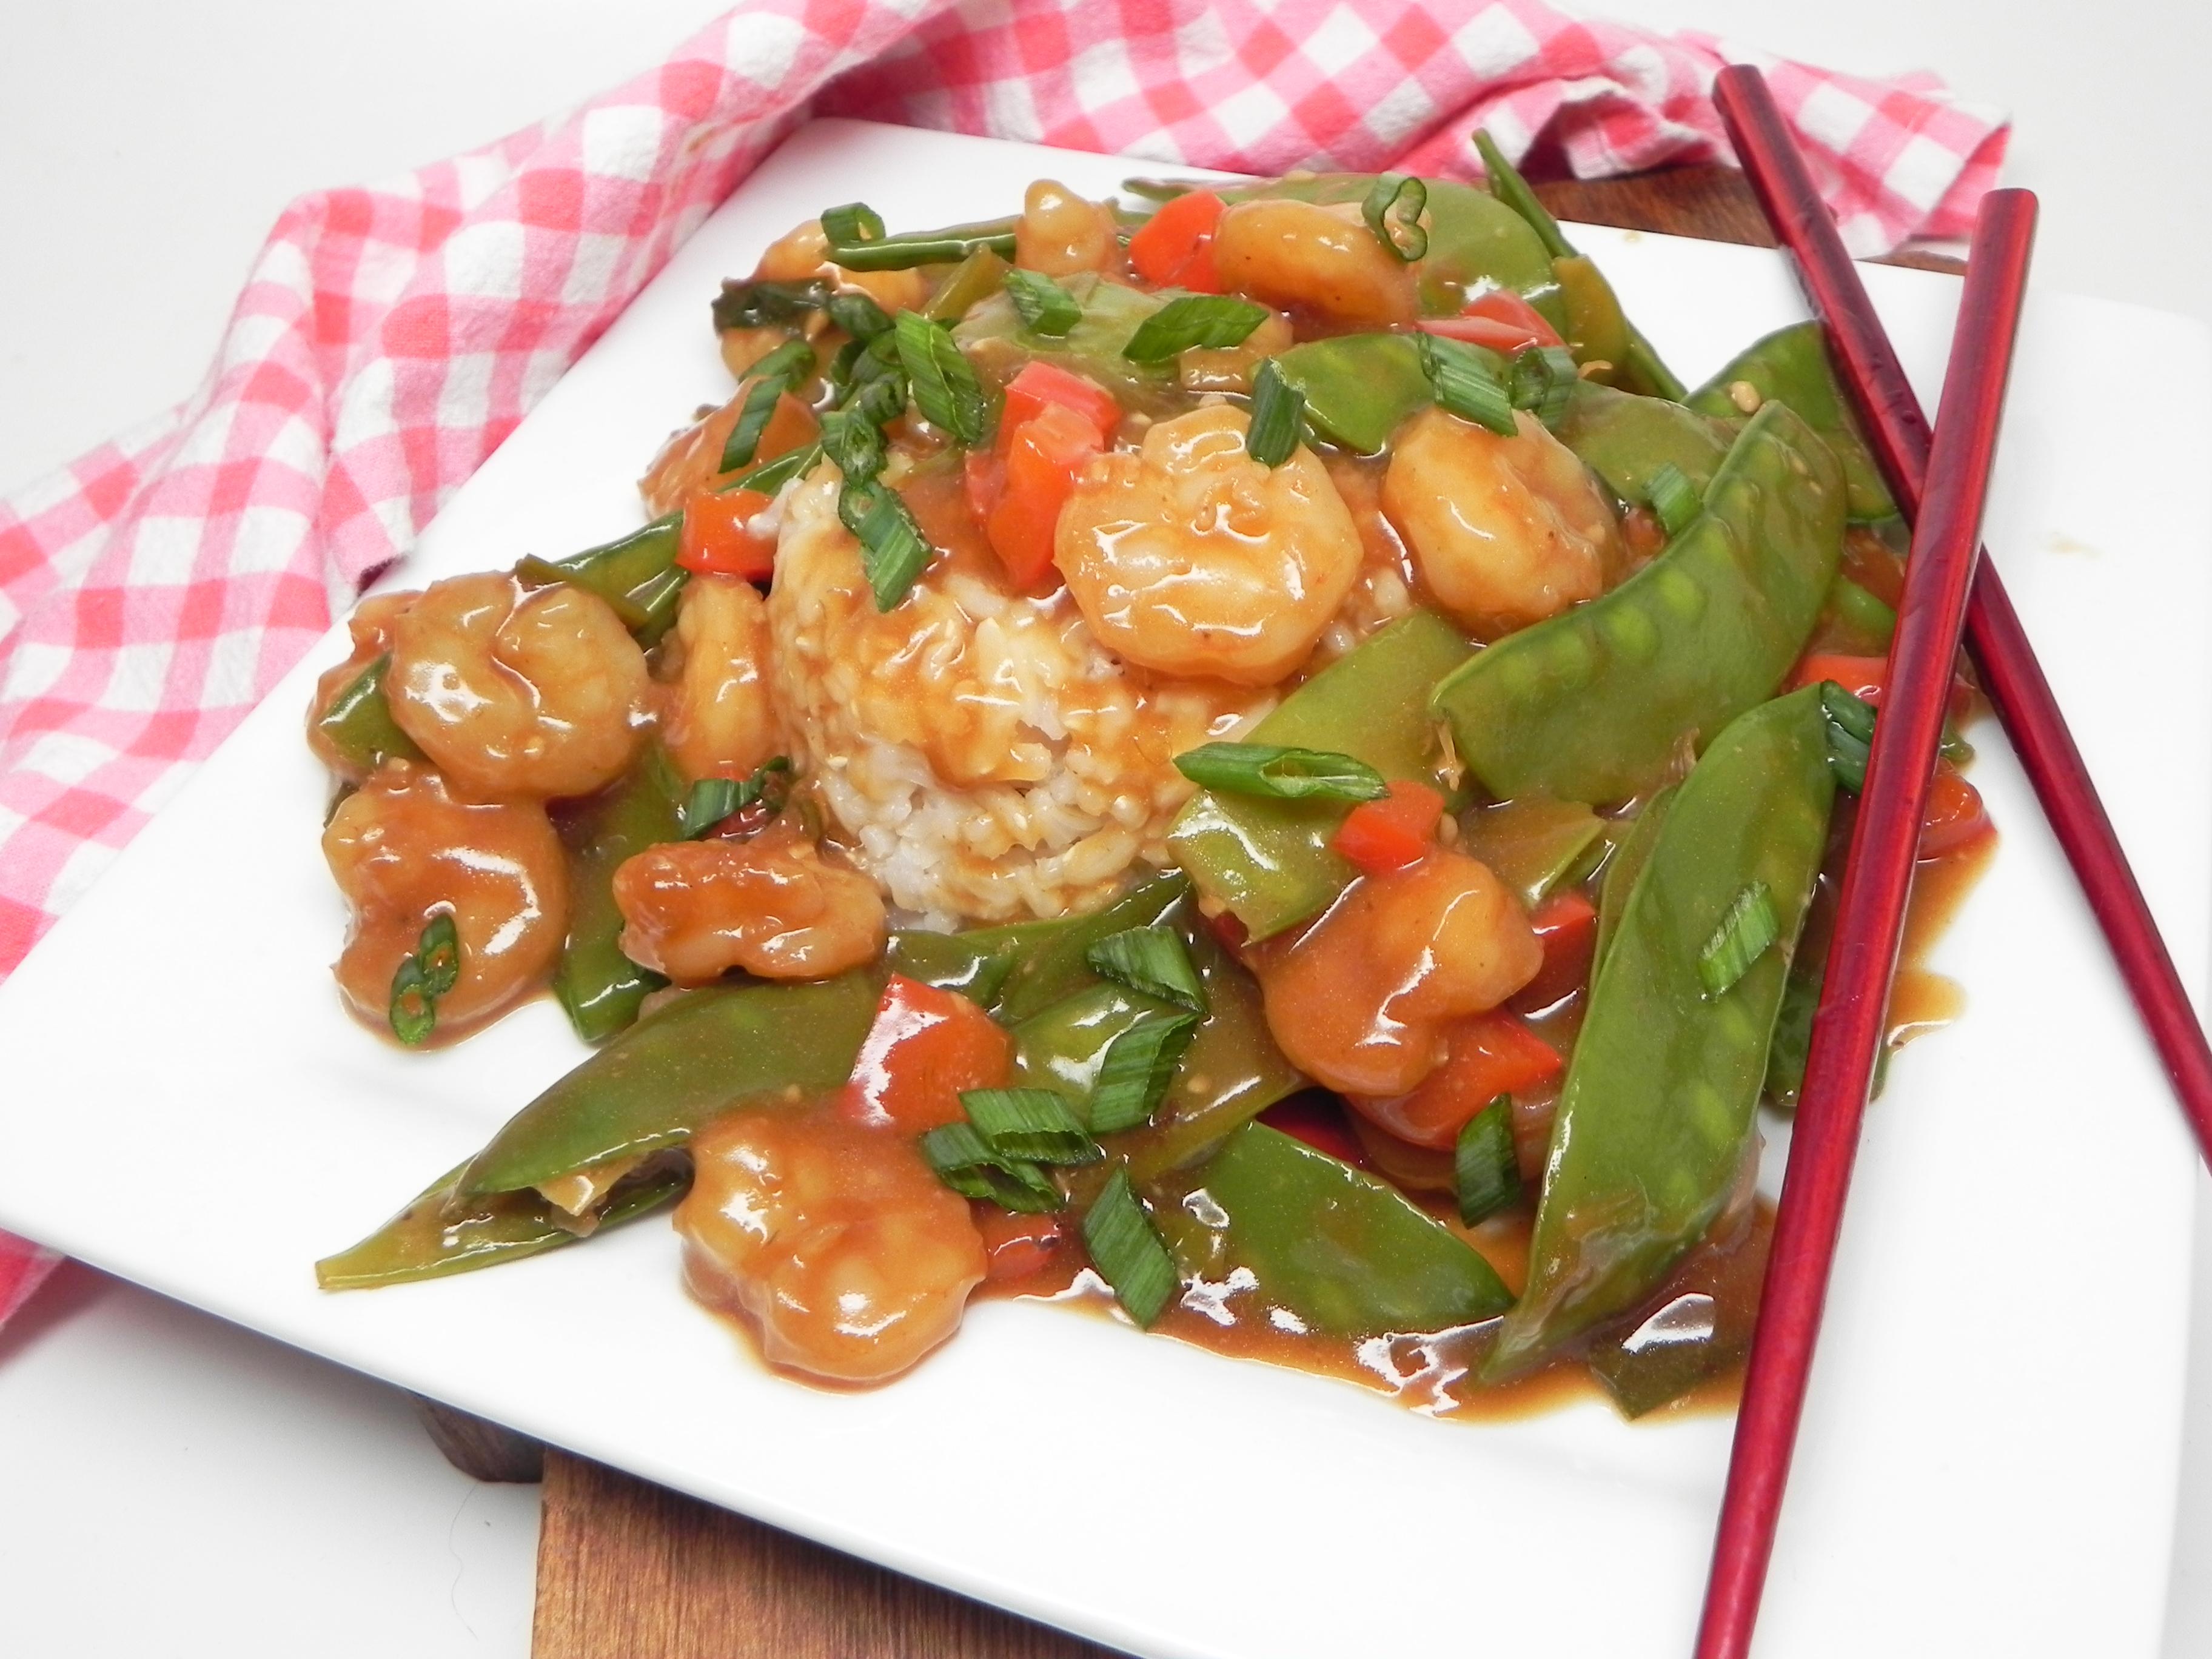 Sesame Shrimp and Snow Peas Stir-Fry